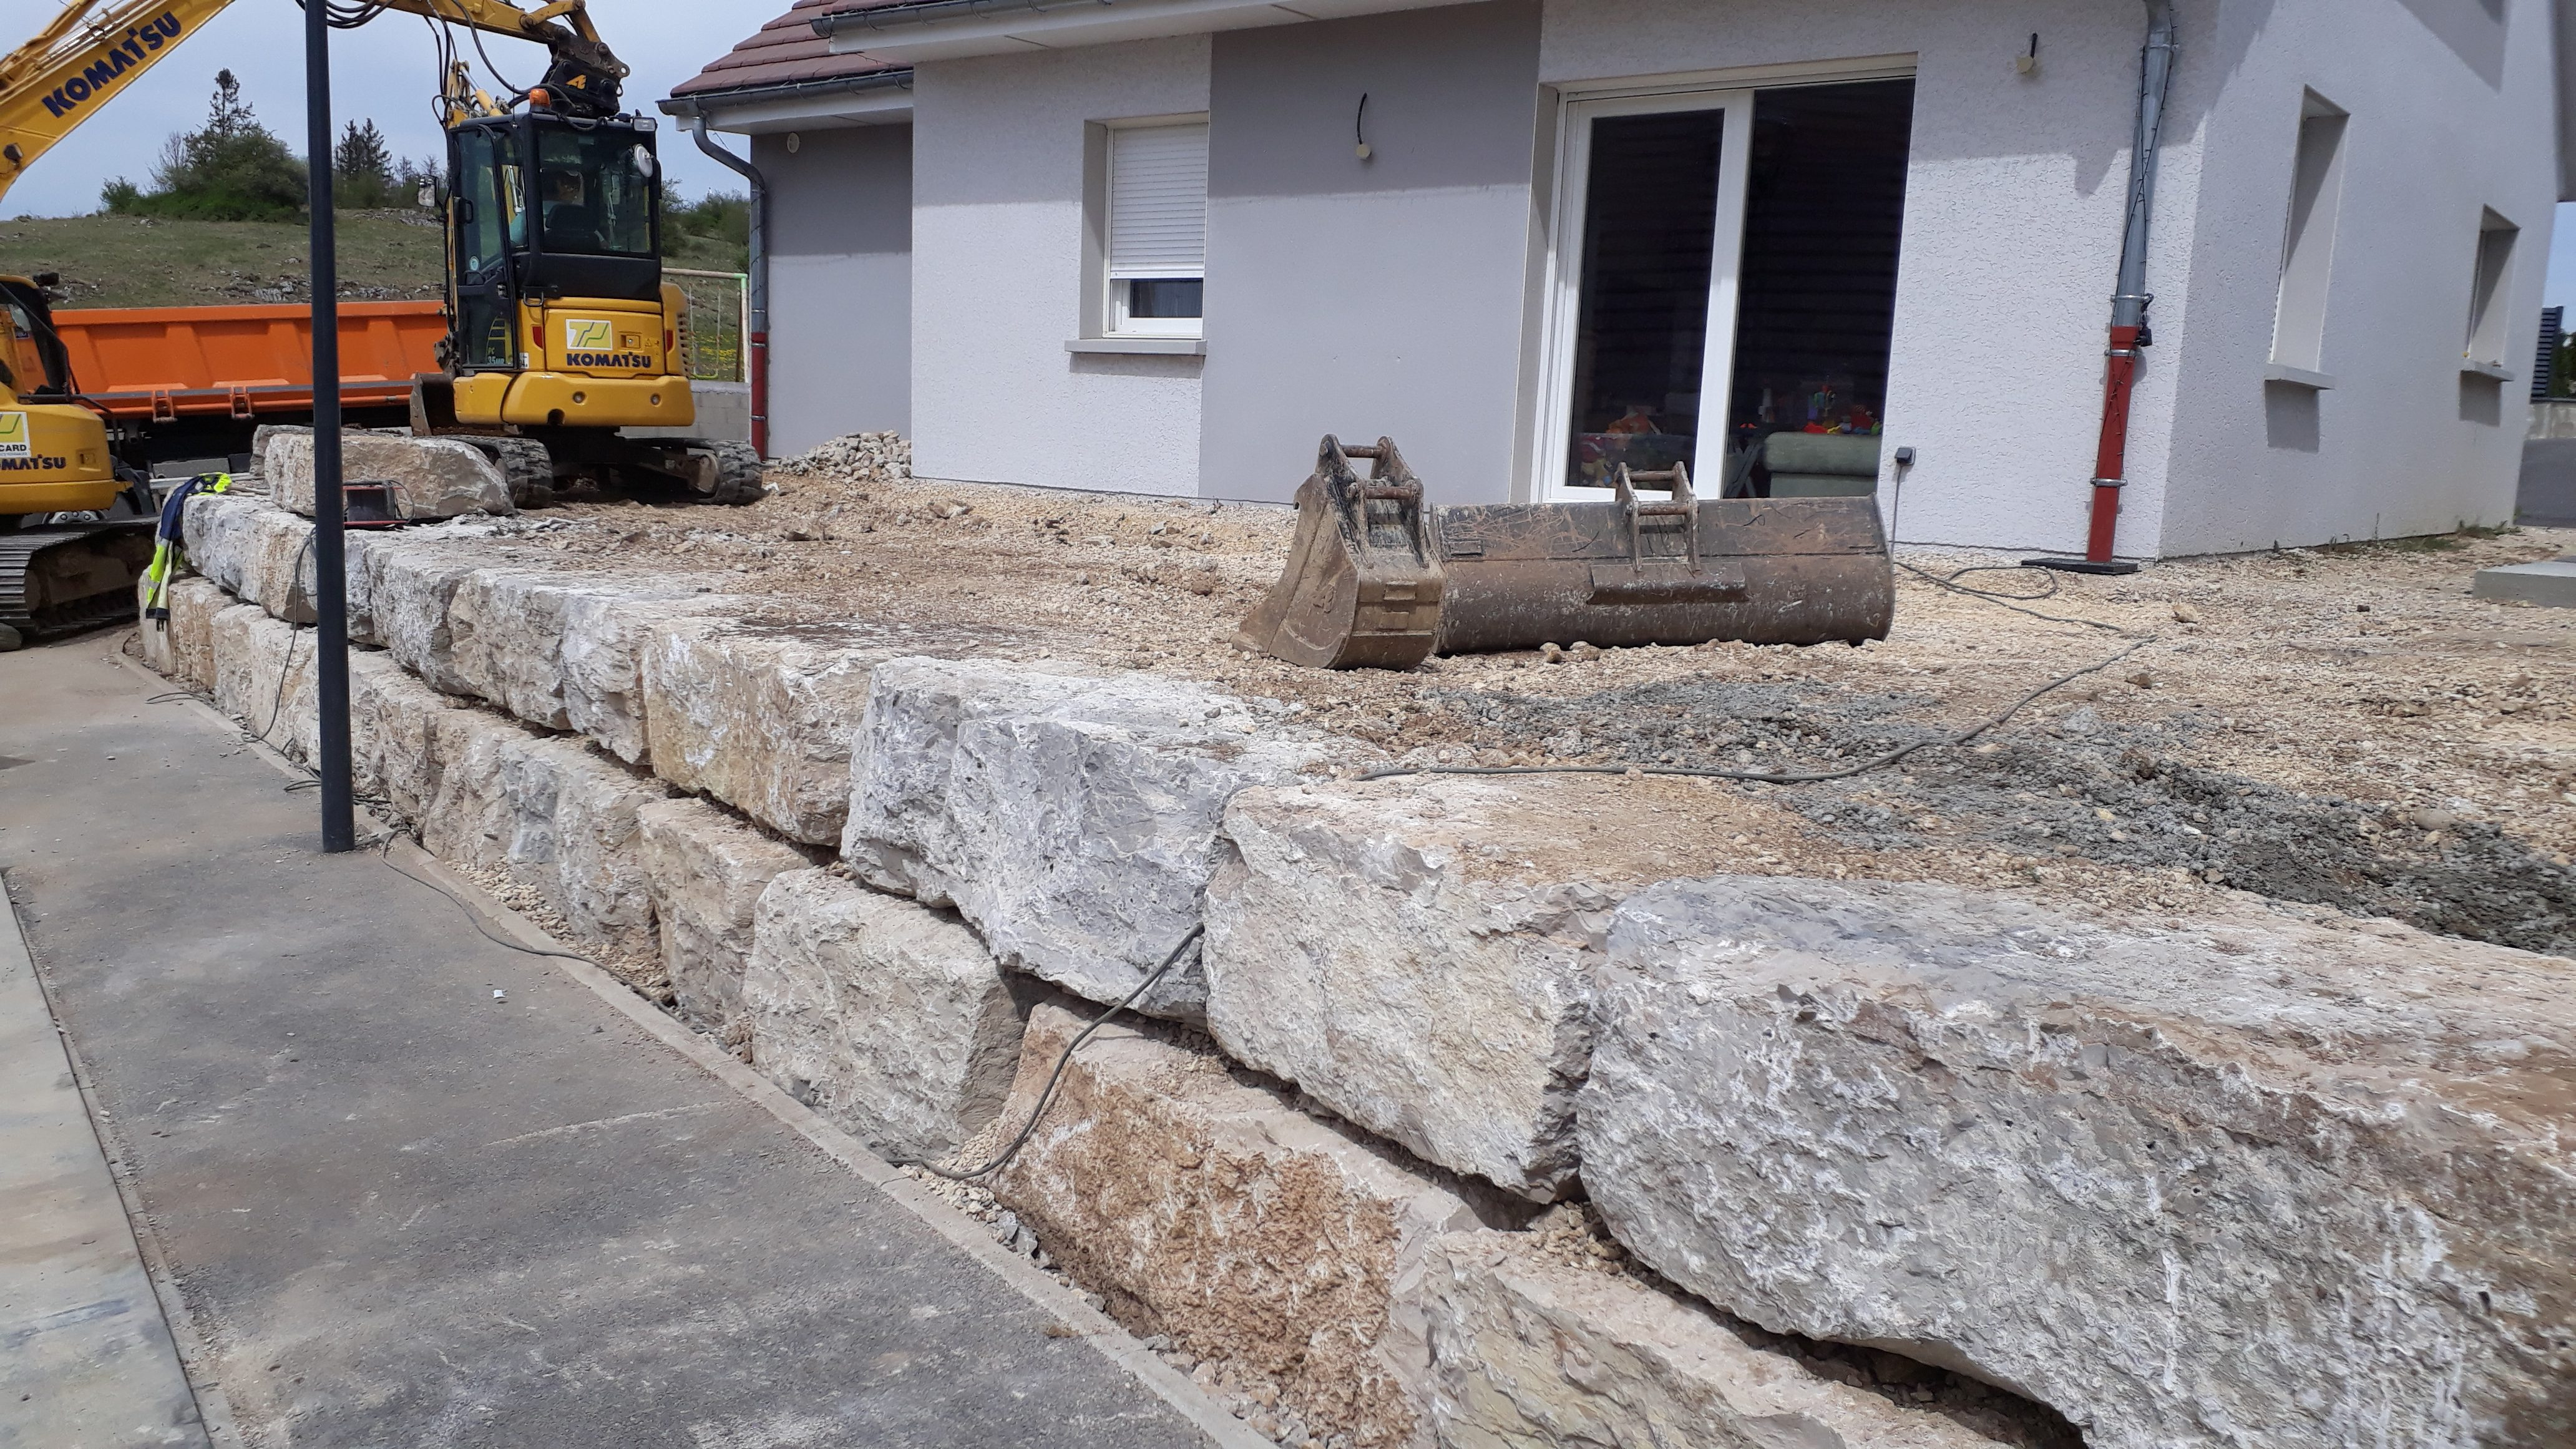 enrochement-mur-beton-terrasse-exterieur-maison-travaux-publics-TP-pontarlier-doubs-franche-comte-07